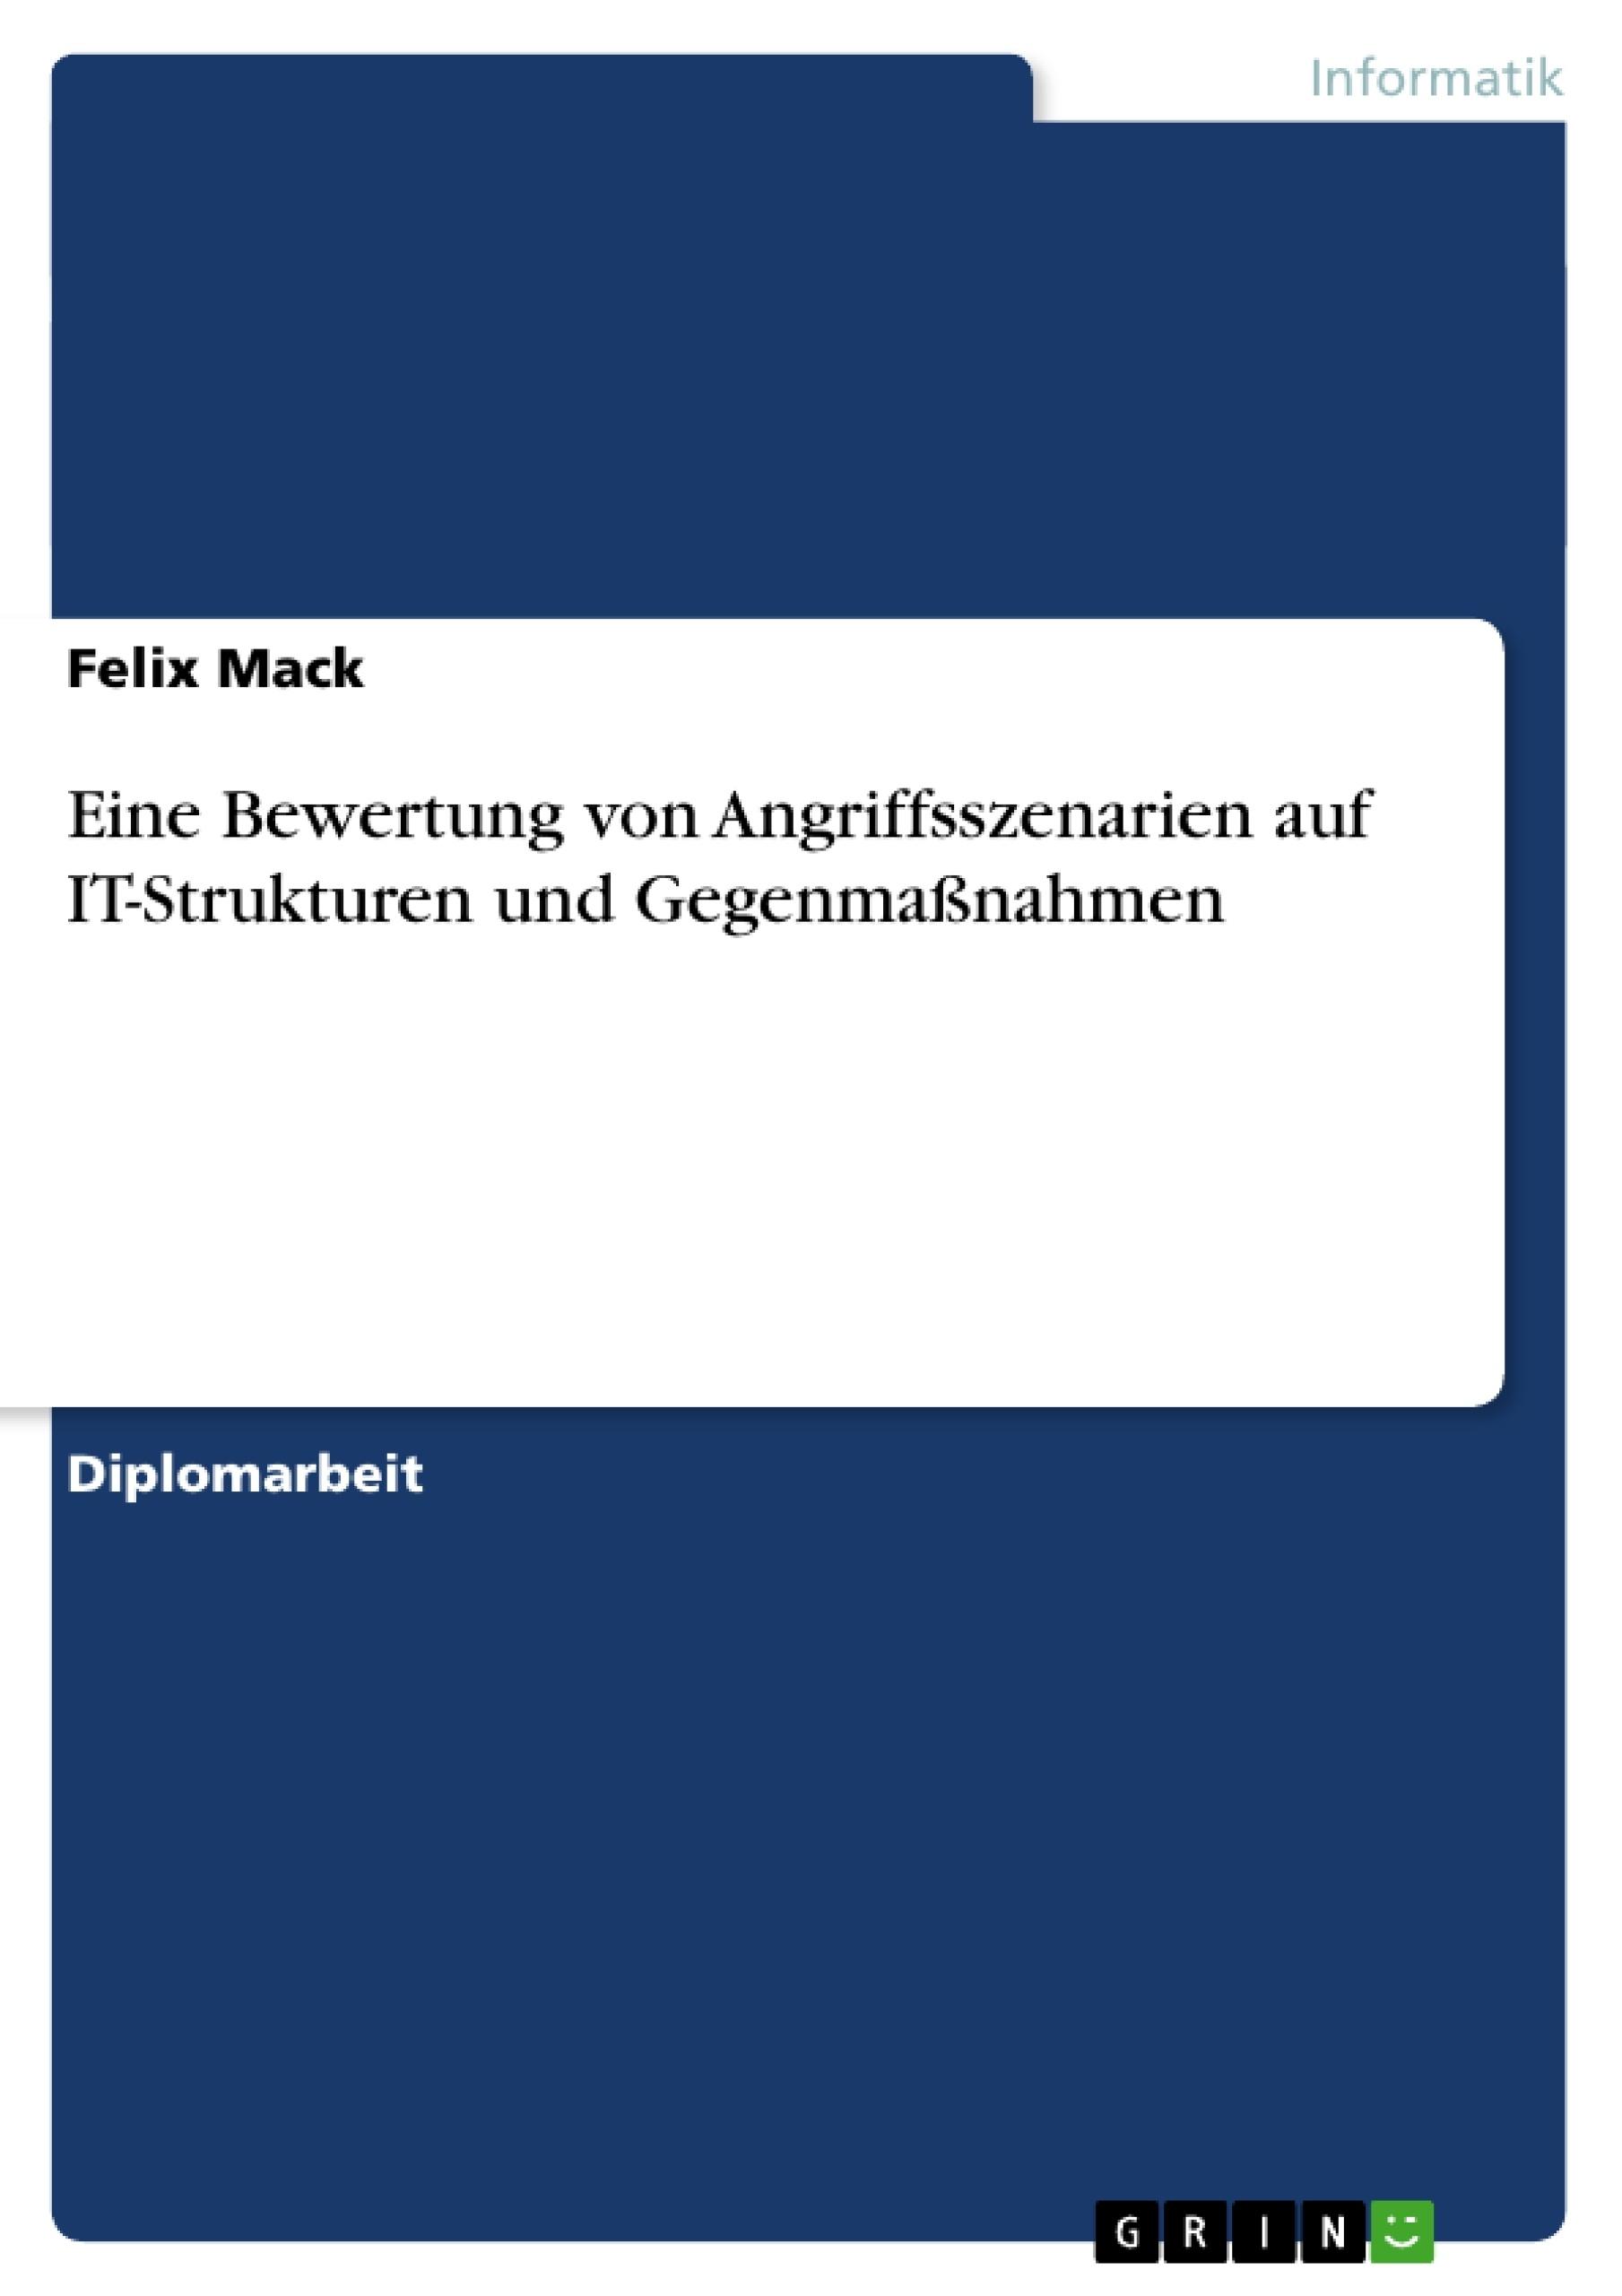 Titel: Eine Bewertung von Angriffsszenarien auf IT-Strukturen und Gegenmaßnahmen